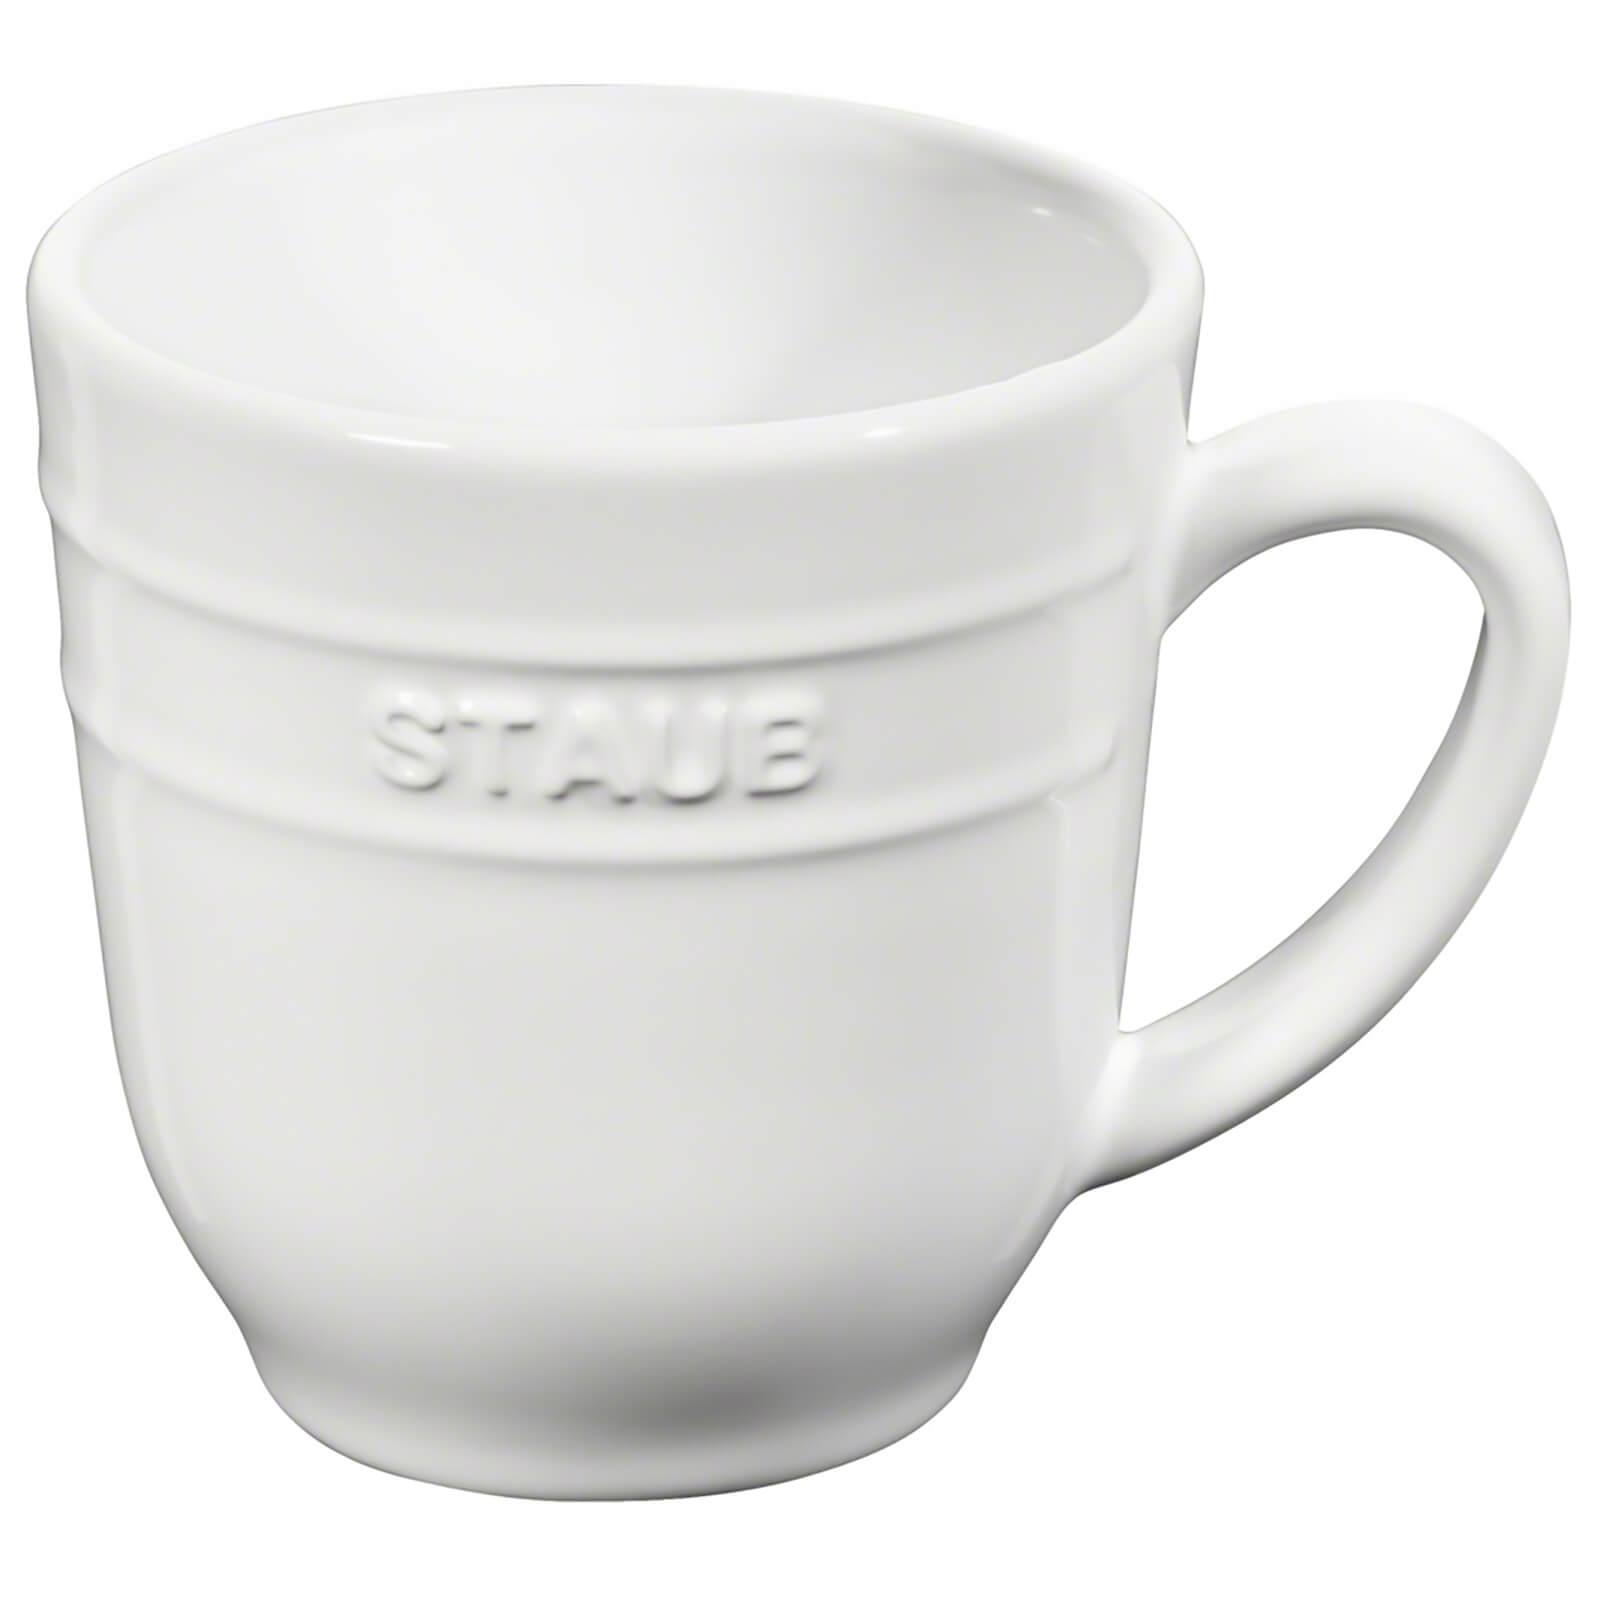 Staub Ceramic Round Mug 350ml - White